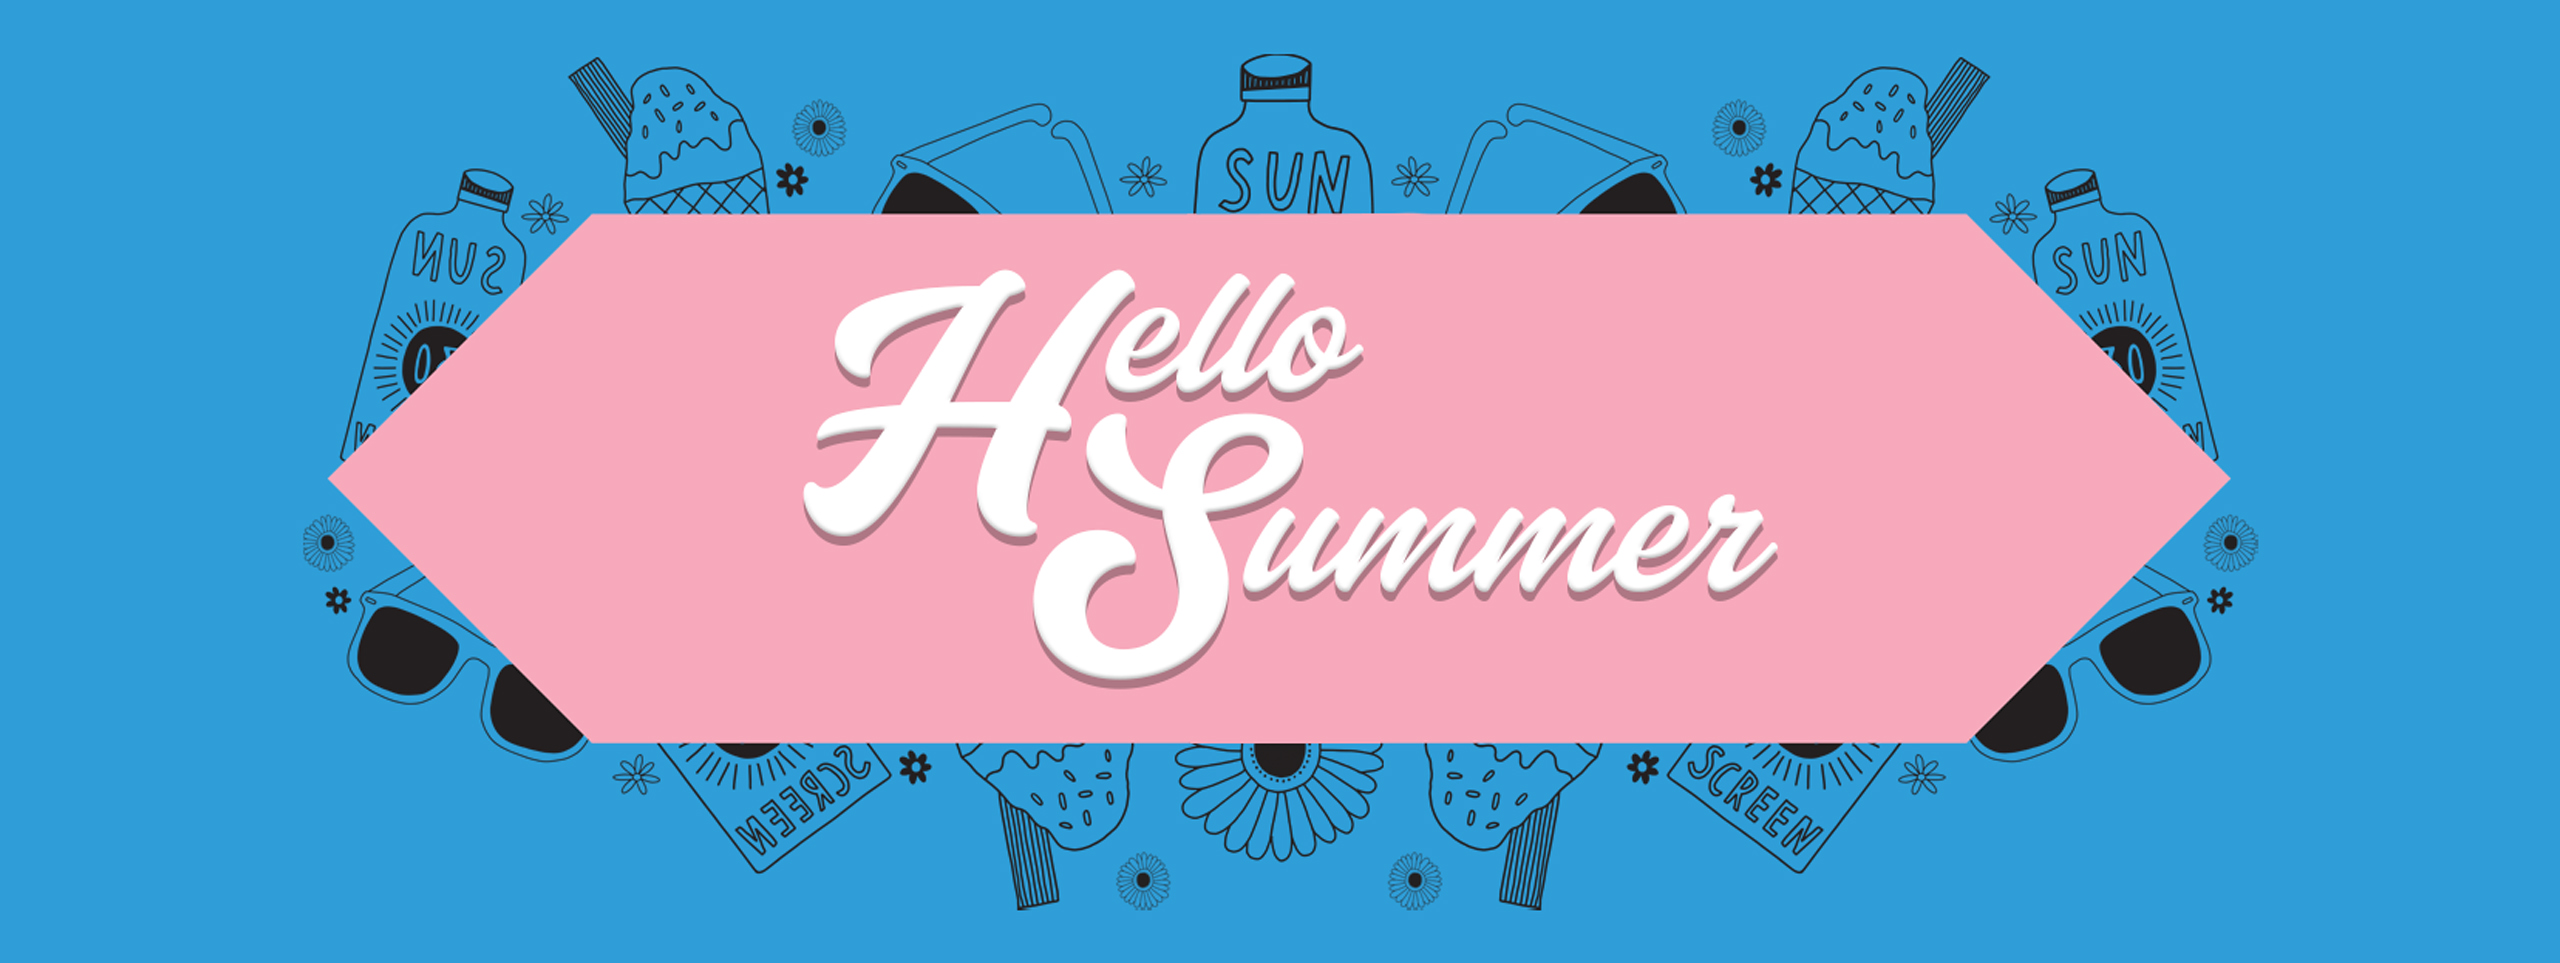 Newlands_Summer